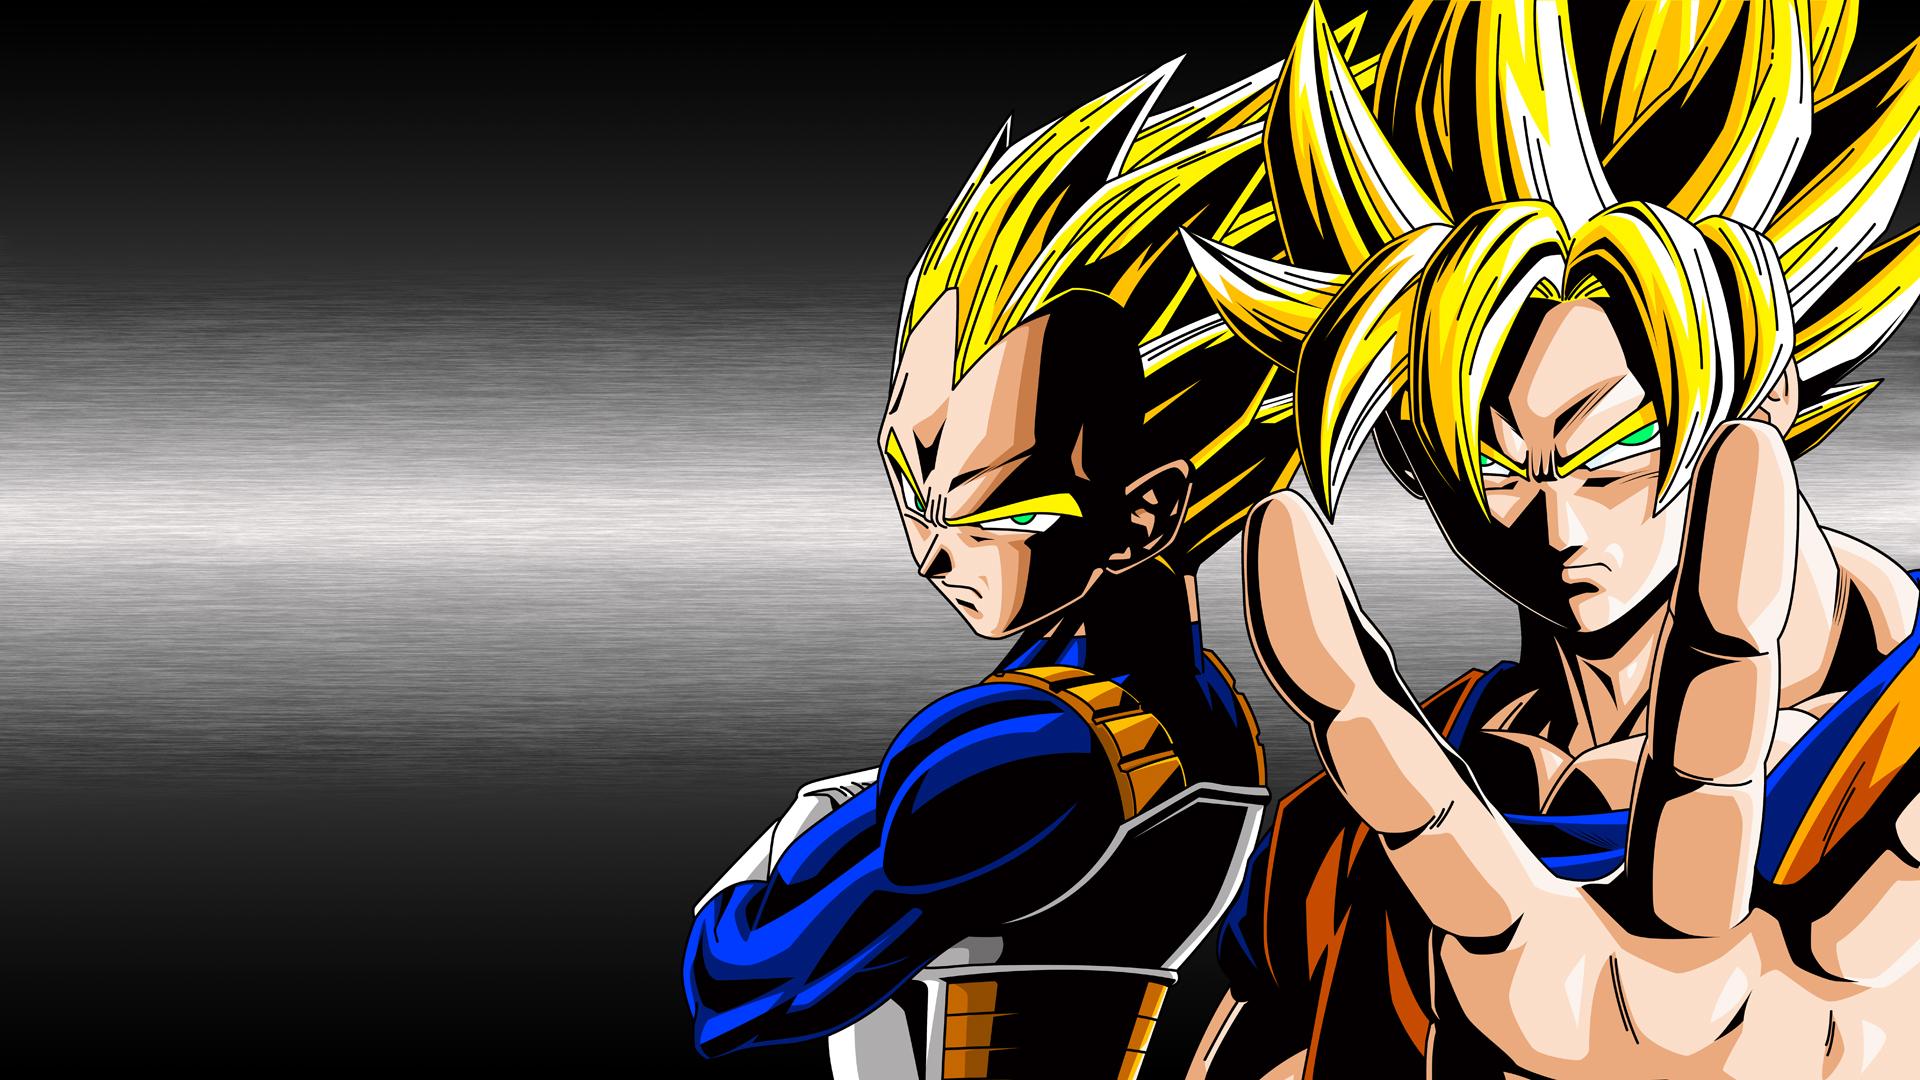 Goku 3d Wallpaper Download Goku Wallpapers Hd Pixelstalk Net